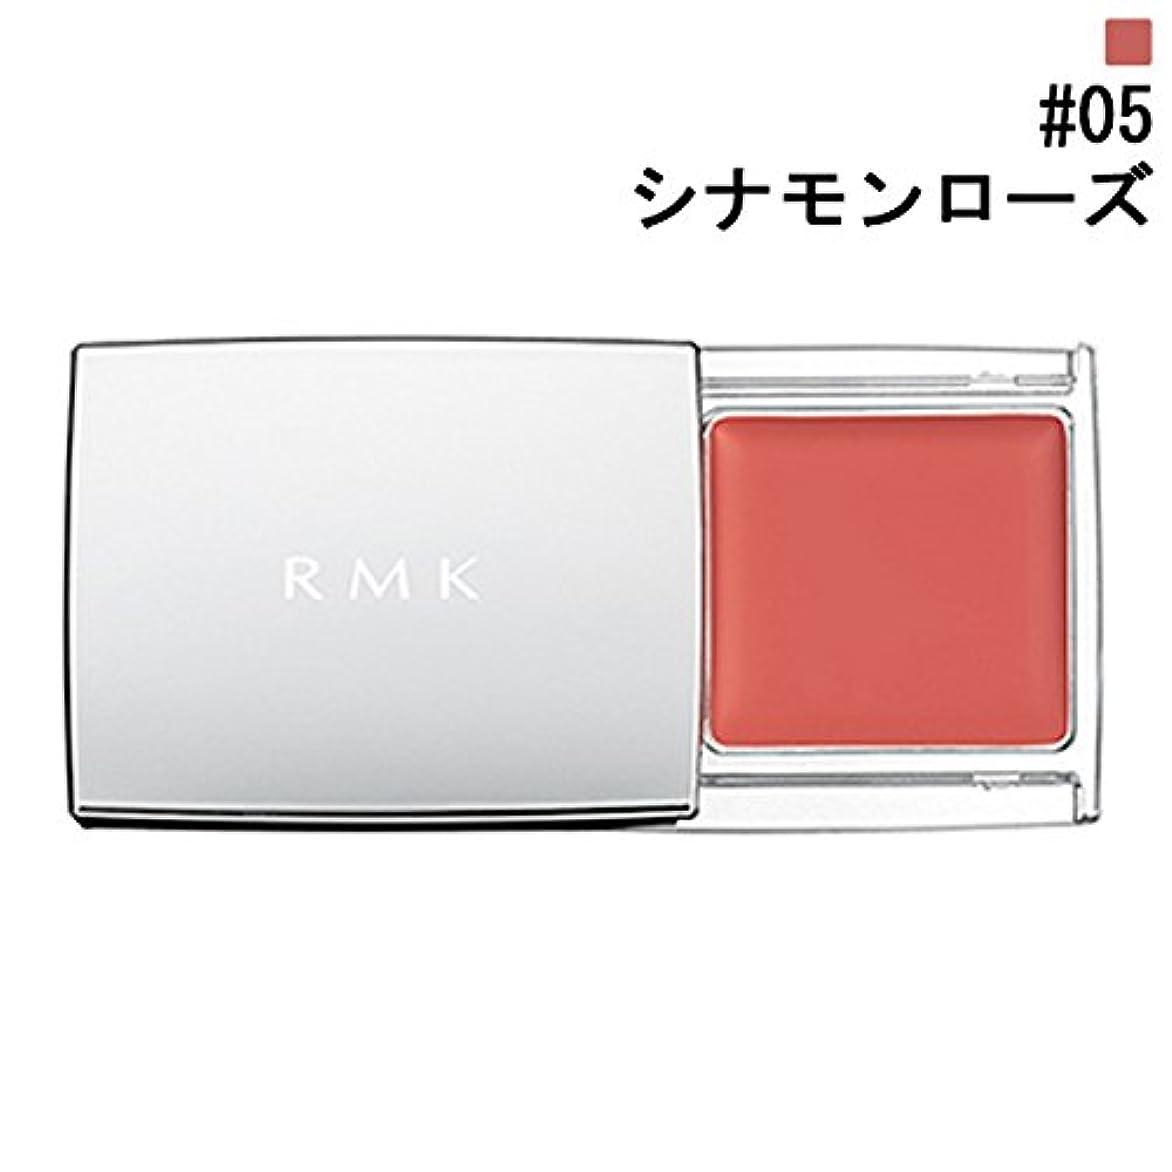 ブラザーニンニク咲く【RMK (ルミコ)】RMK マルチペイントカラーズ #05 シナモンローズ 1.5g